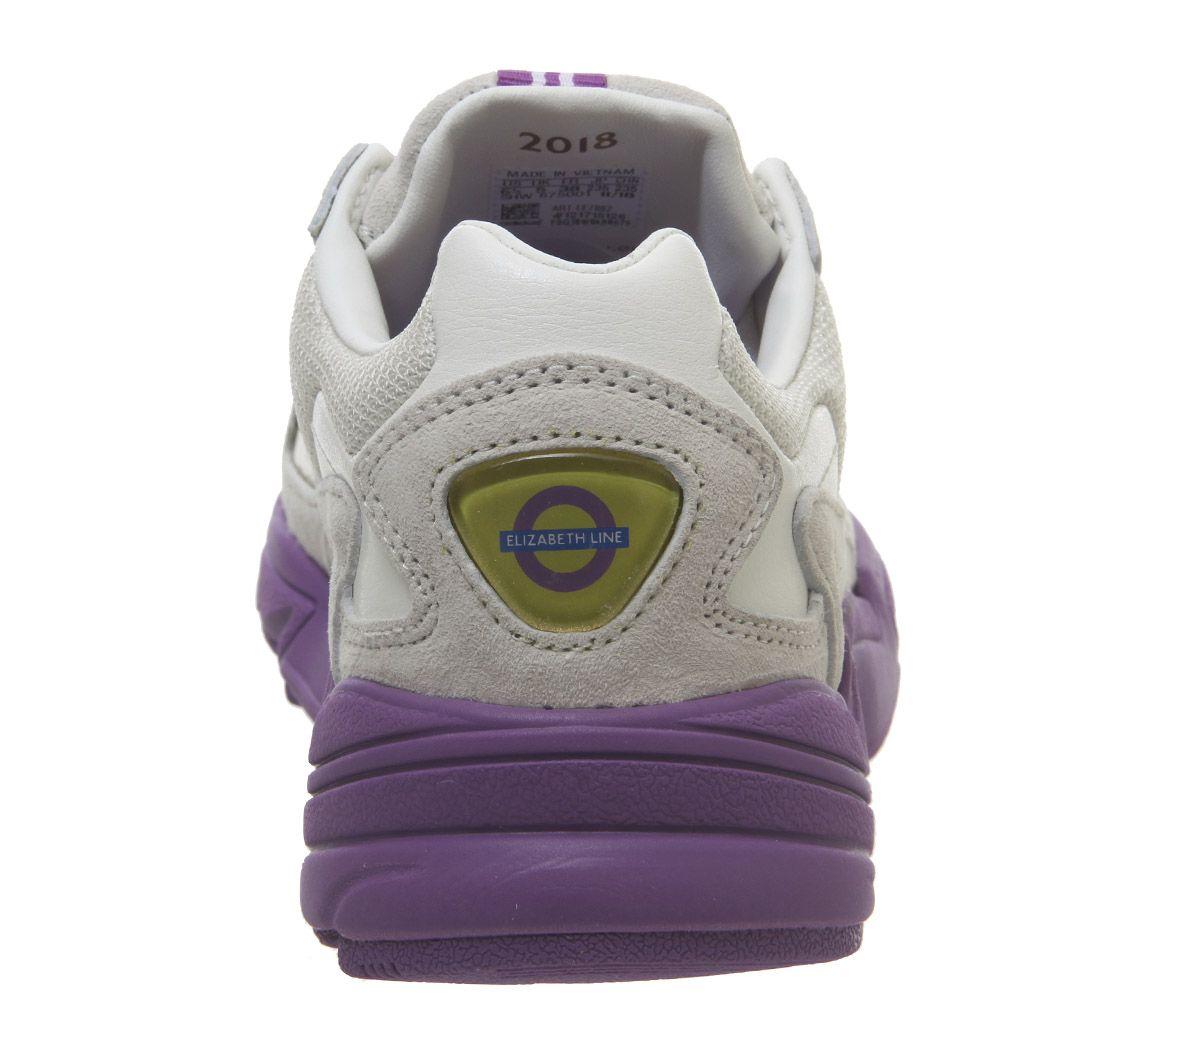 Détails sur Short Femme Adidas FALCON Baskets Blanc Violet Or Métallique Elizabeth TFL Baskets afficher le titre d'origine